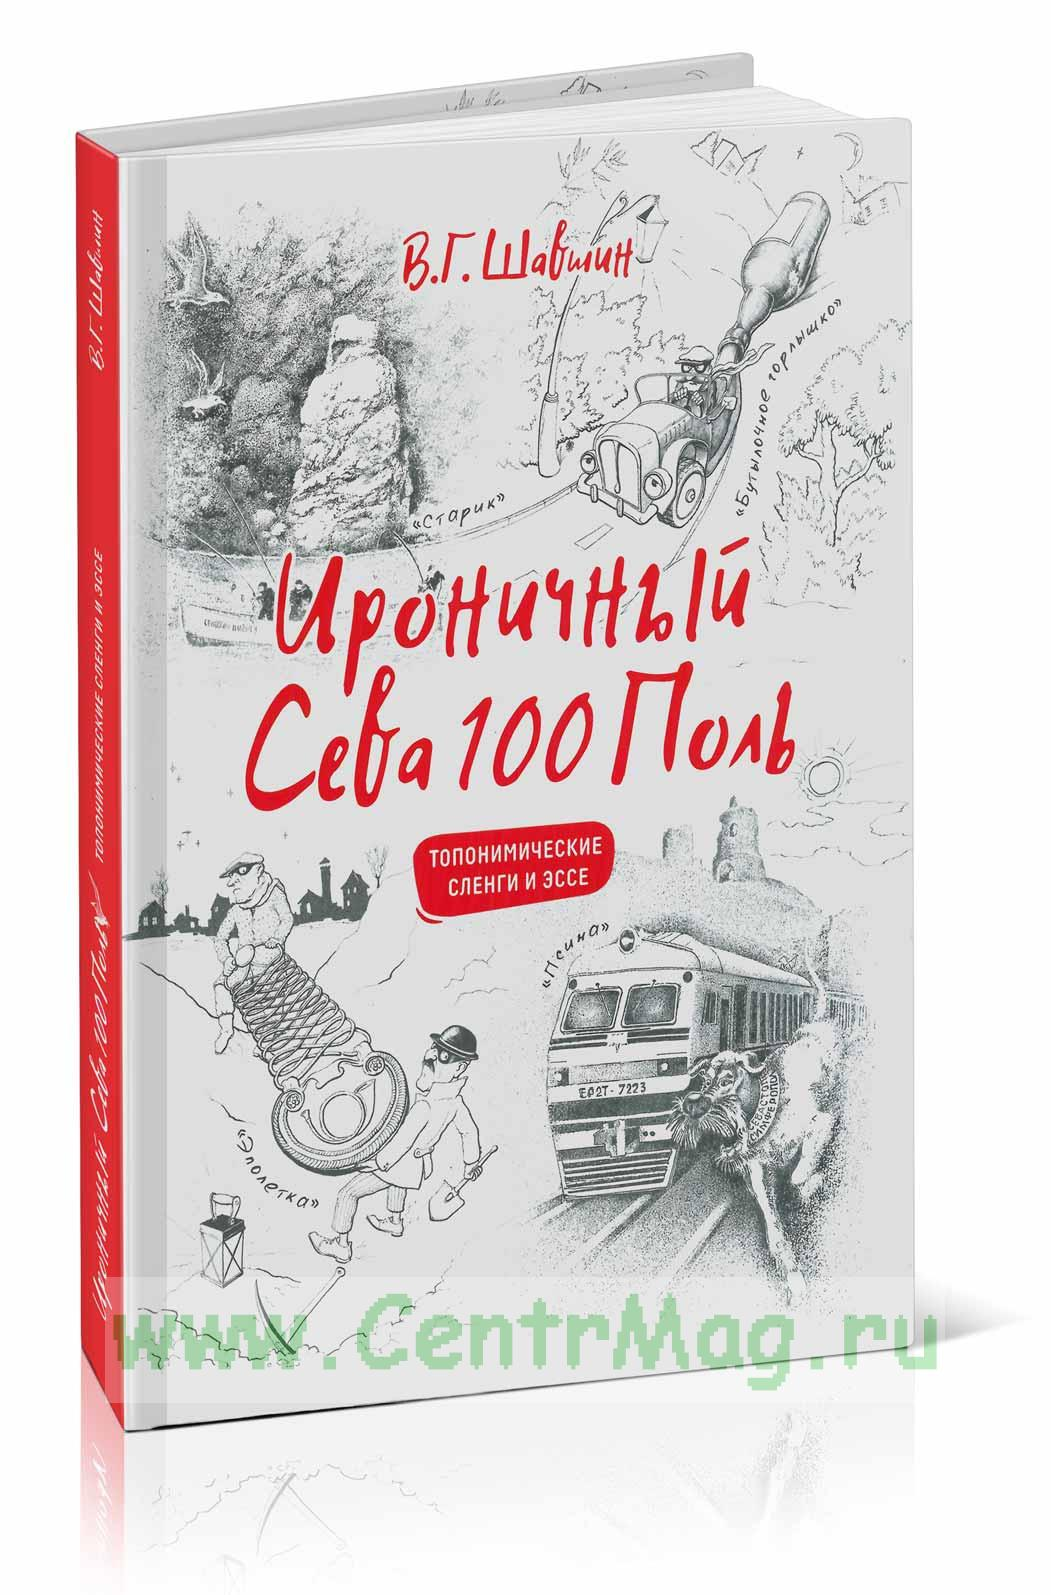 Ироничный Севастополь. Топонимические сленги и эссе